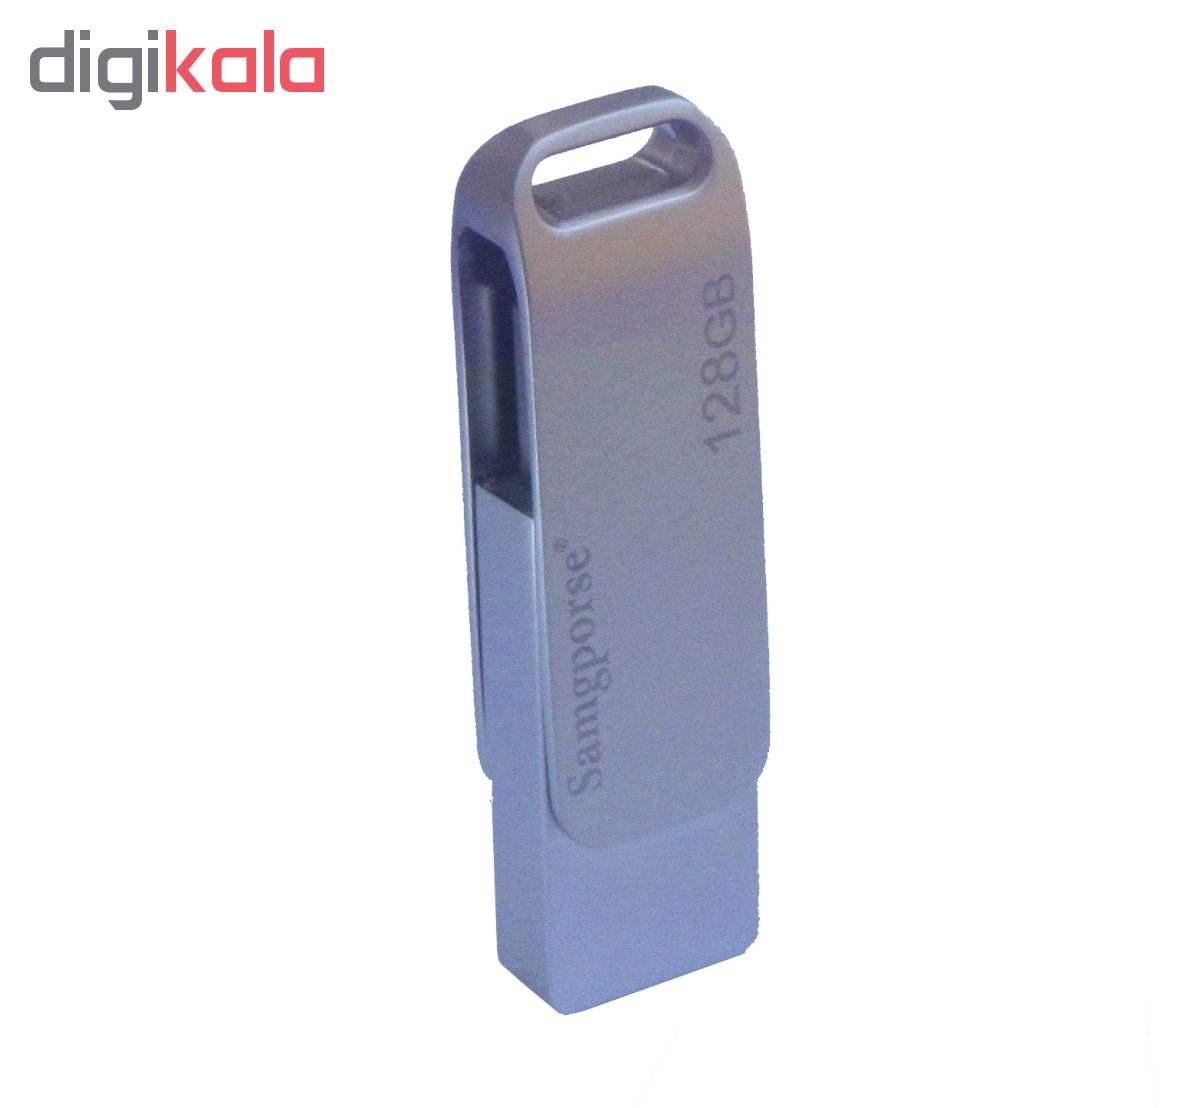 فلش مموری سمگپرس مدل SW12 ظرفیت 128 گیگابایت  Samgporse SW12 Flash Memory - 128GB